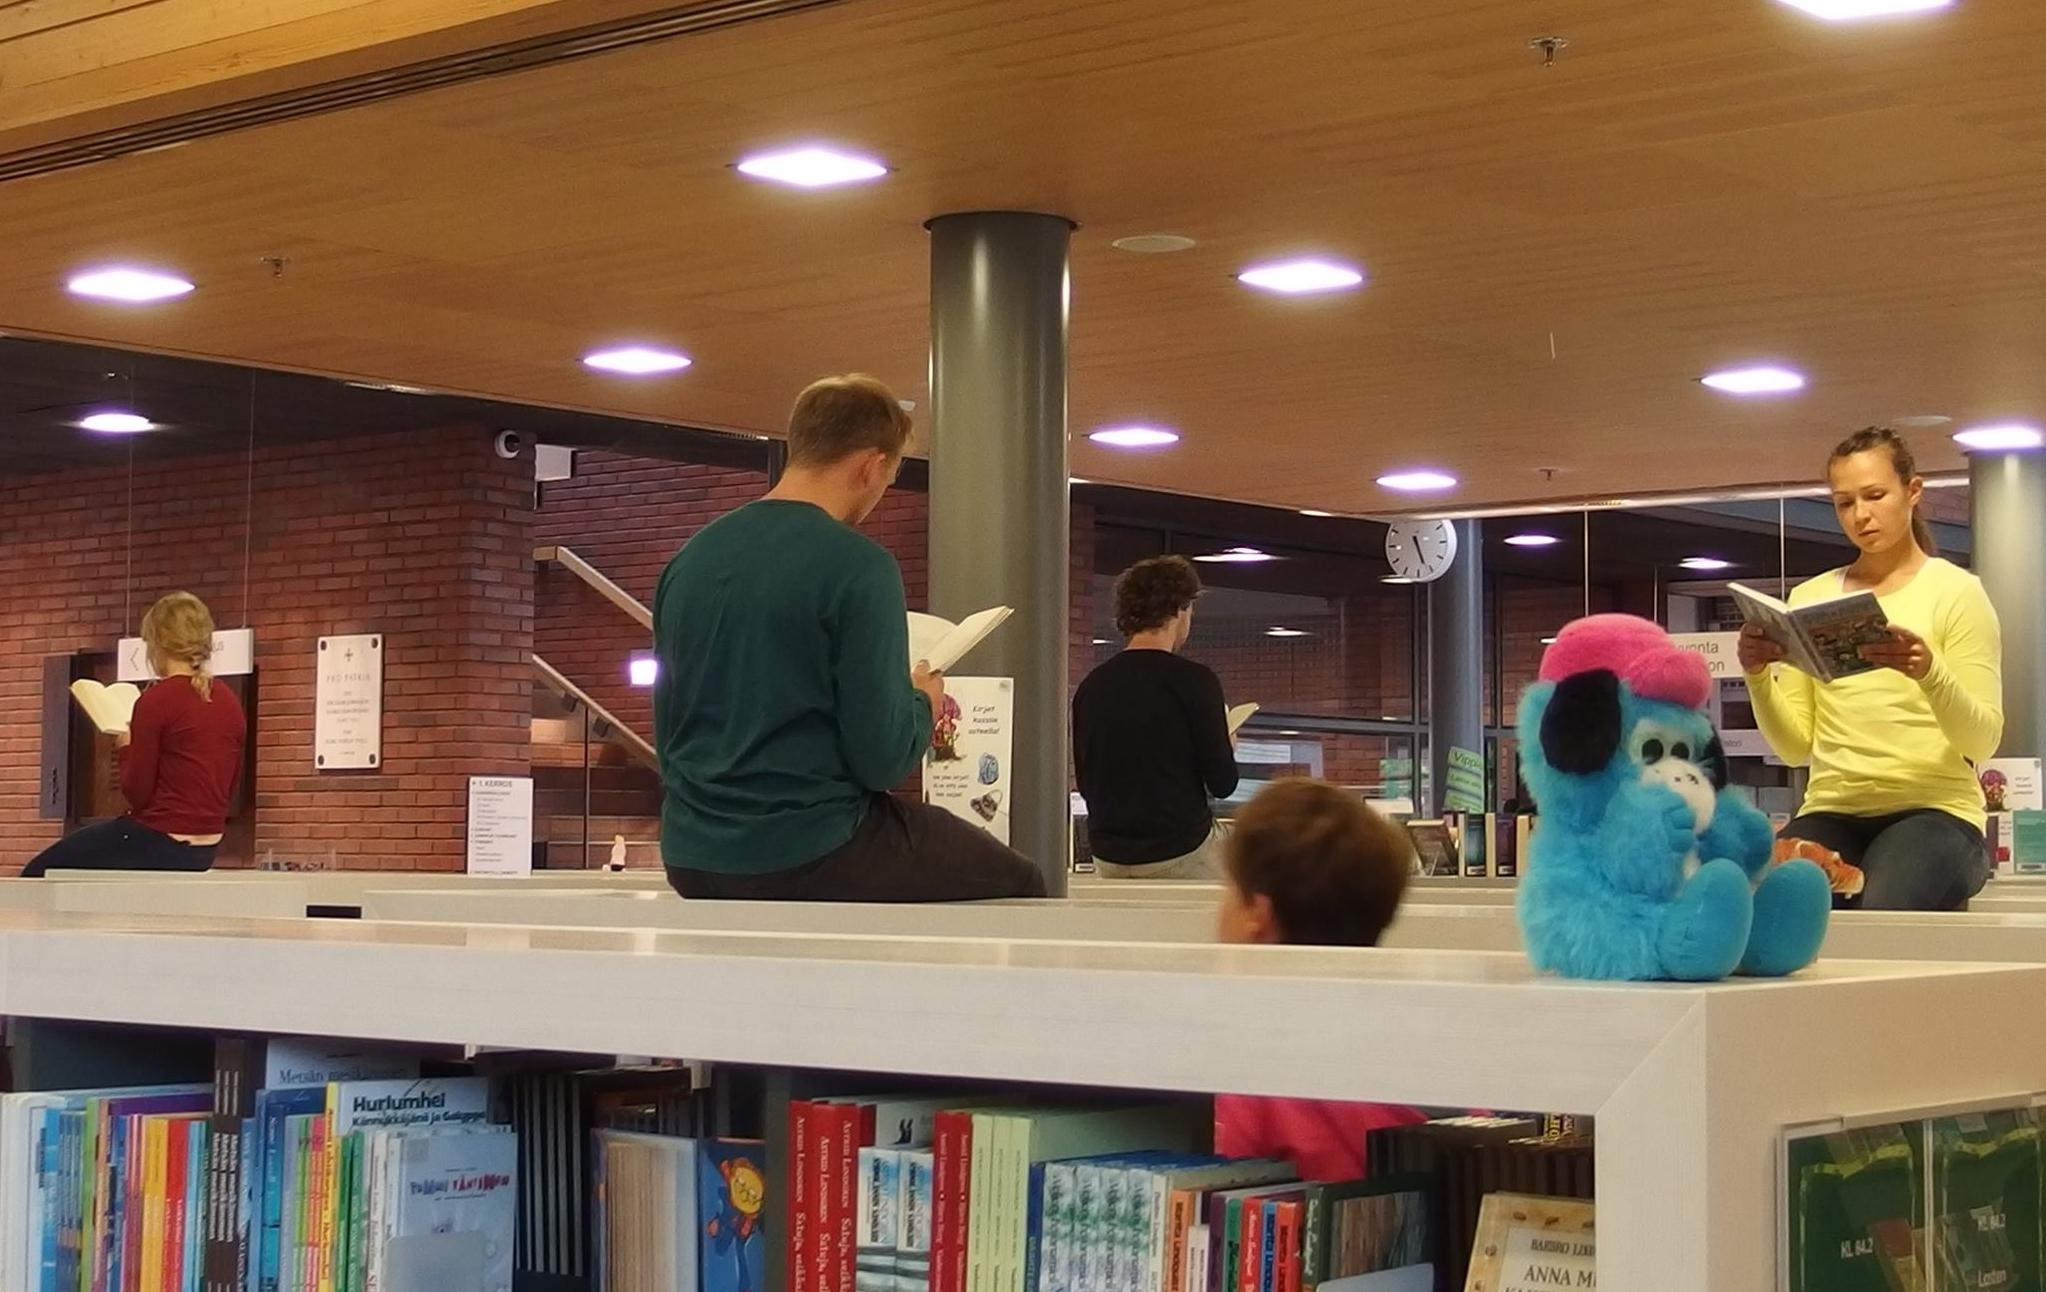 Library Stories av ReAct! till dansfestivalen Salto!